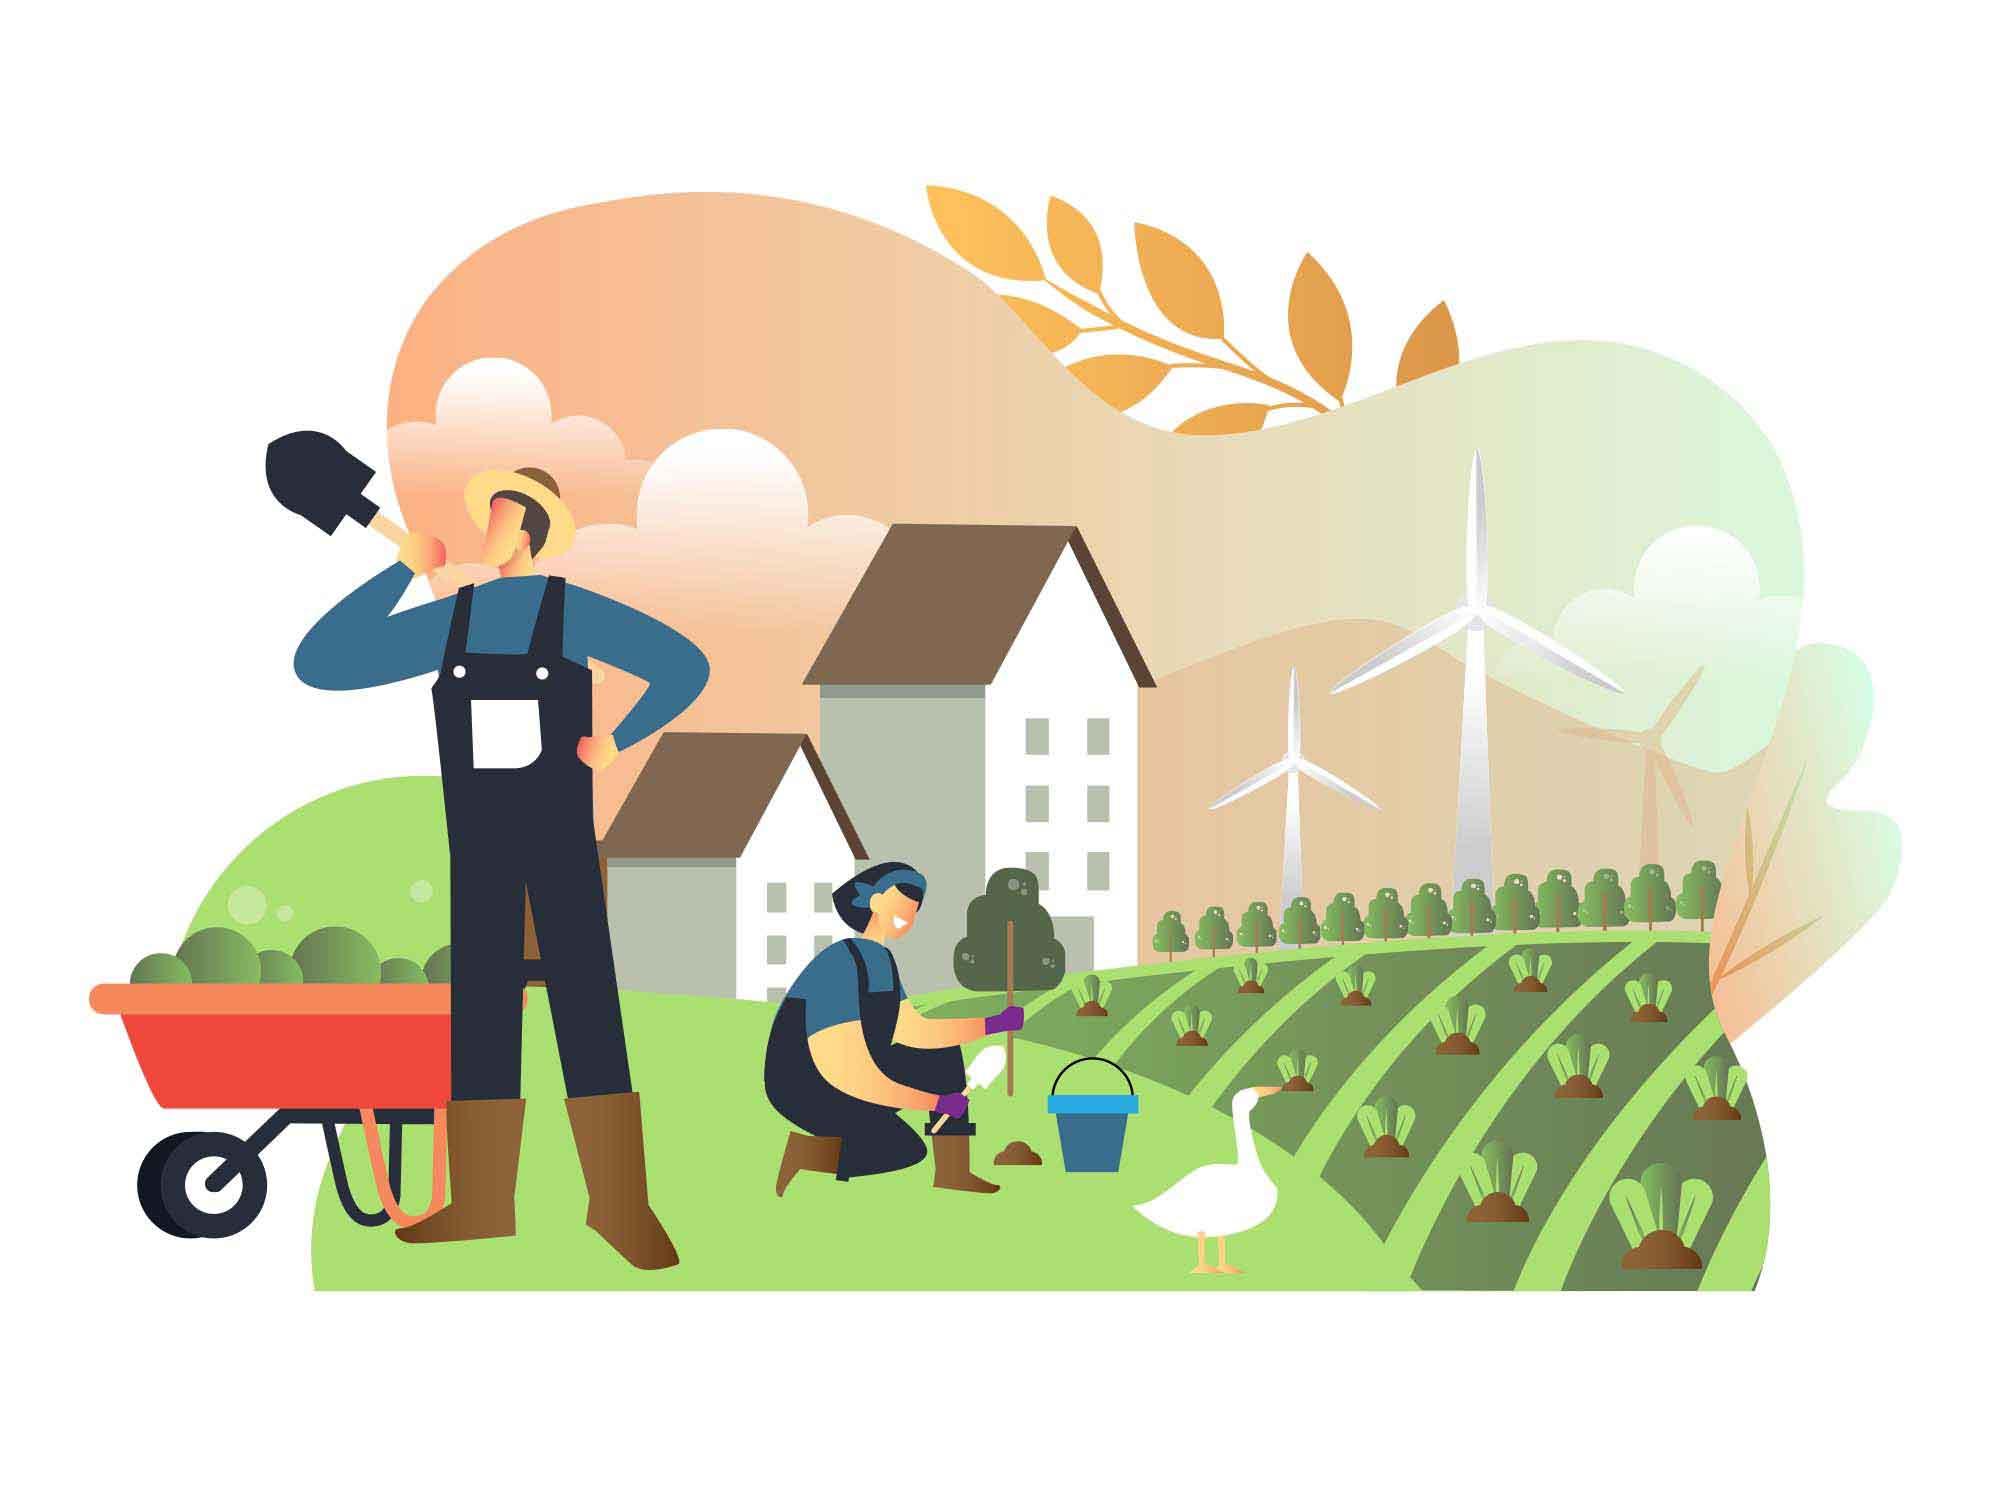 Farming Vector Illustration